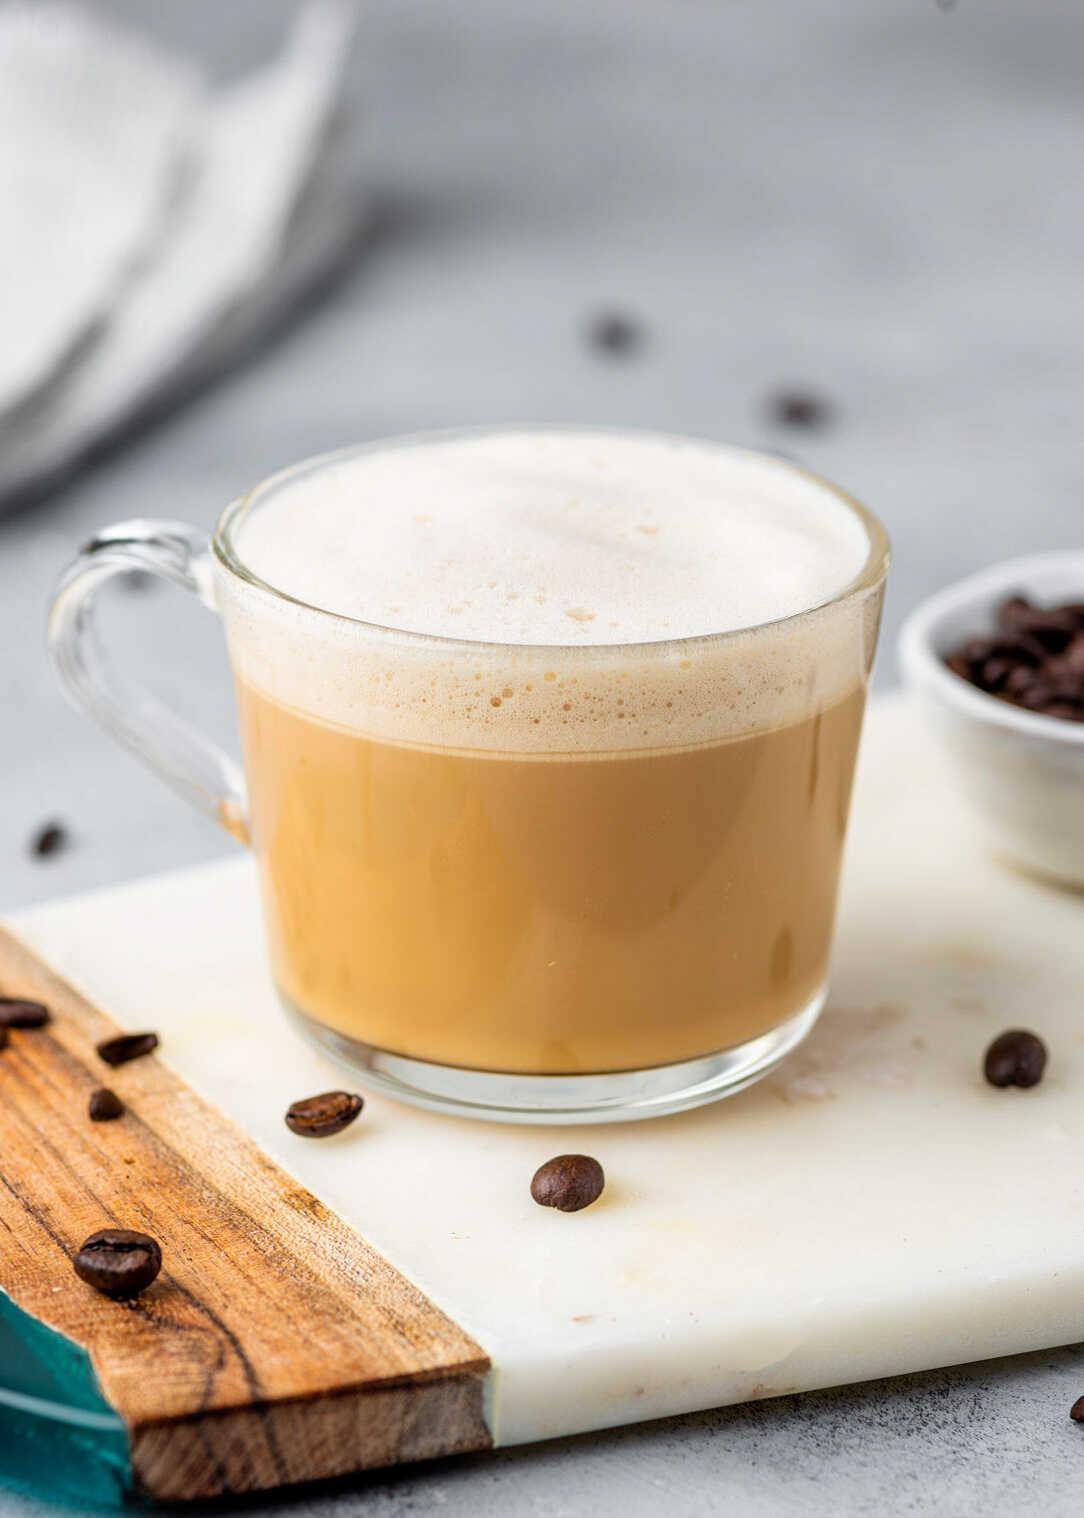 keto káva s kokosovým olejem v šálku